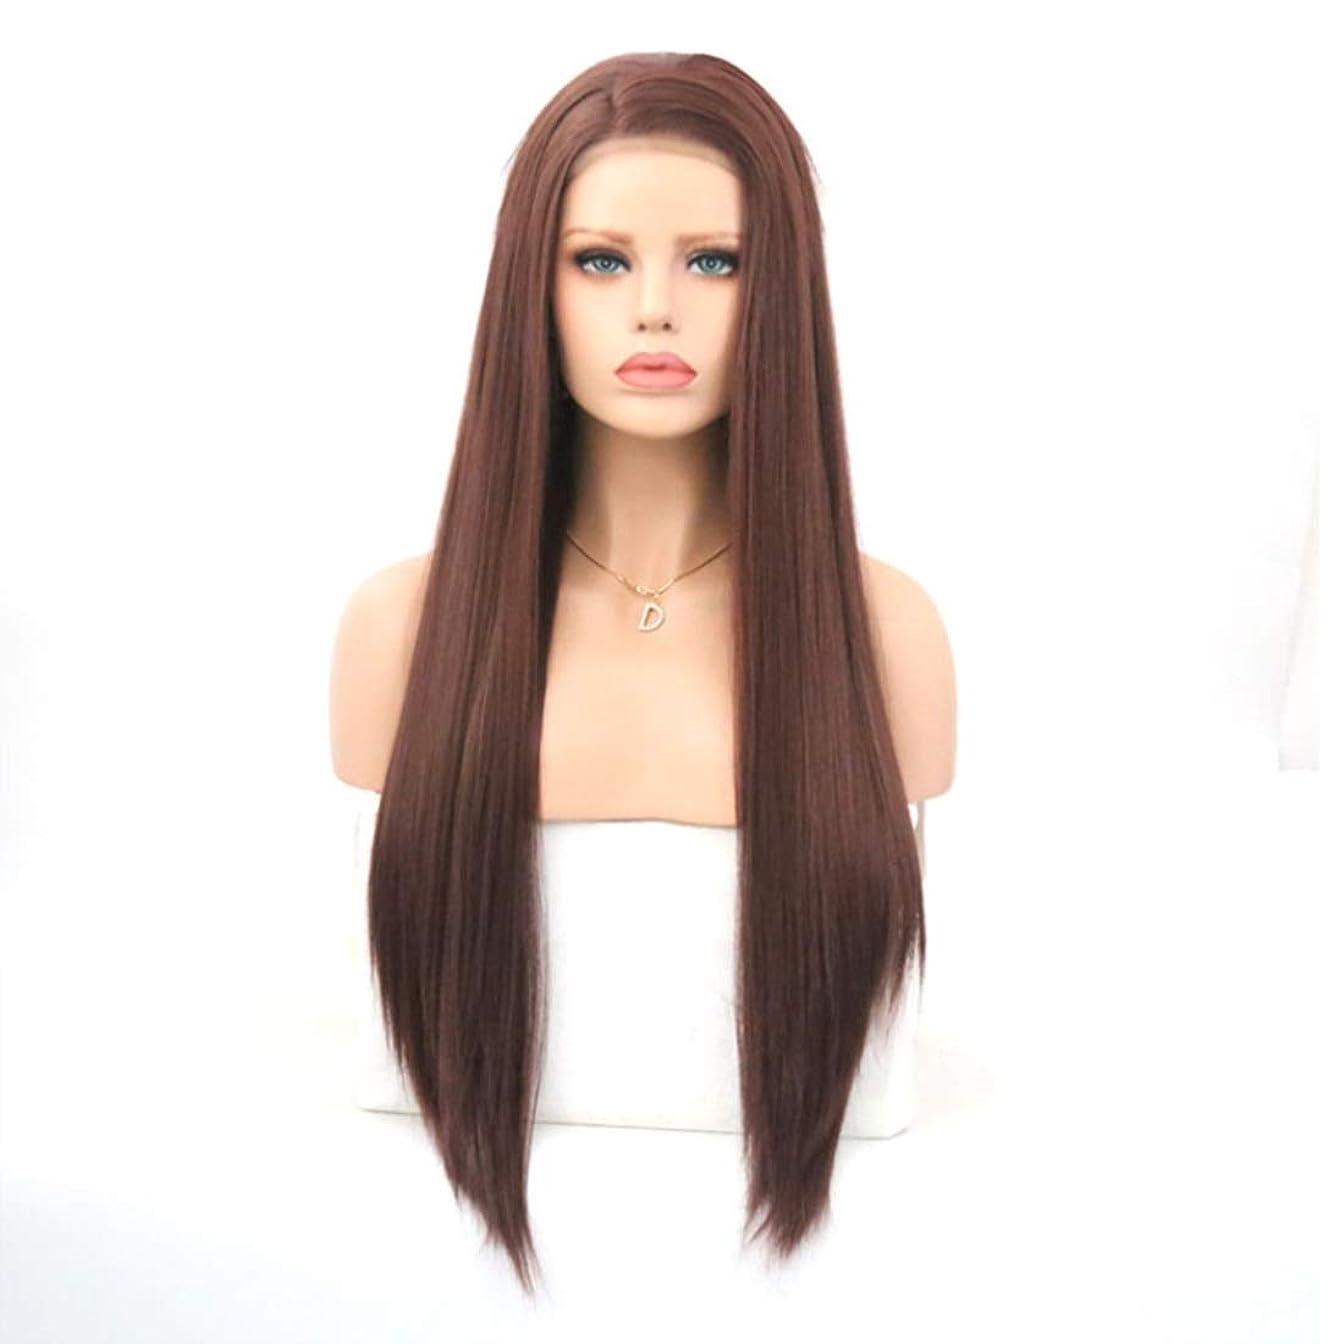 どれでも旋回十代の若者たちSummerys 茶色のフロントレース化学繊維かつらヘッドギア高温シルクロングストレートウィッグ女性用 (Size : 20 inches)